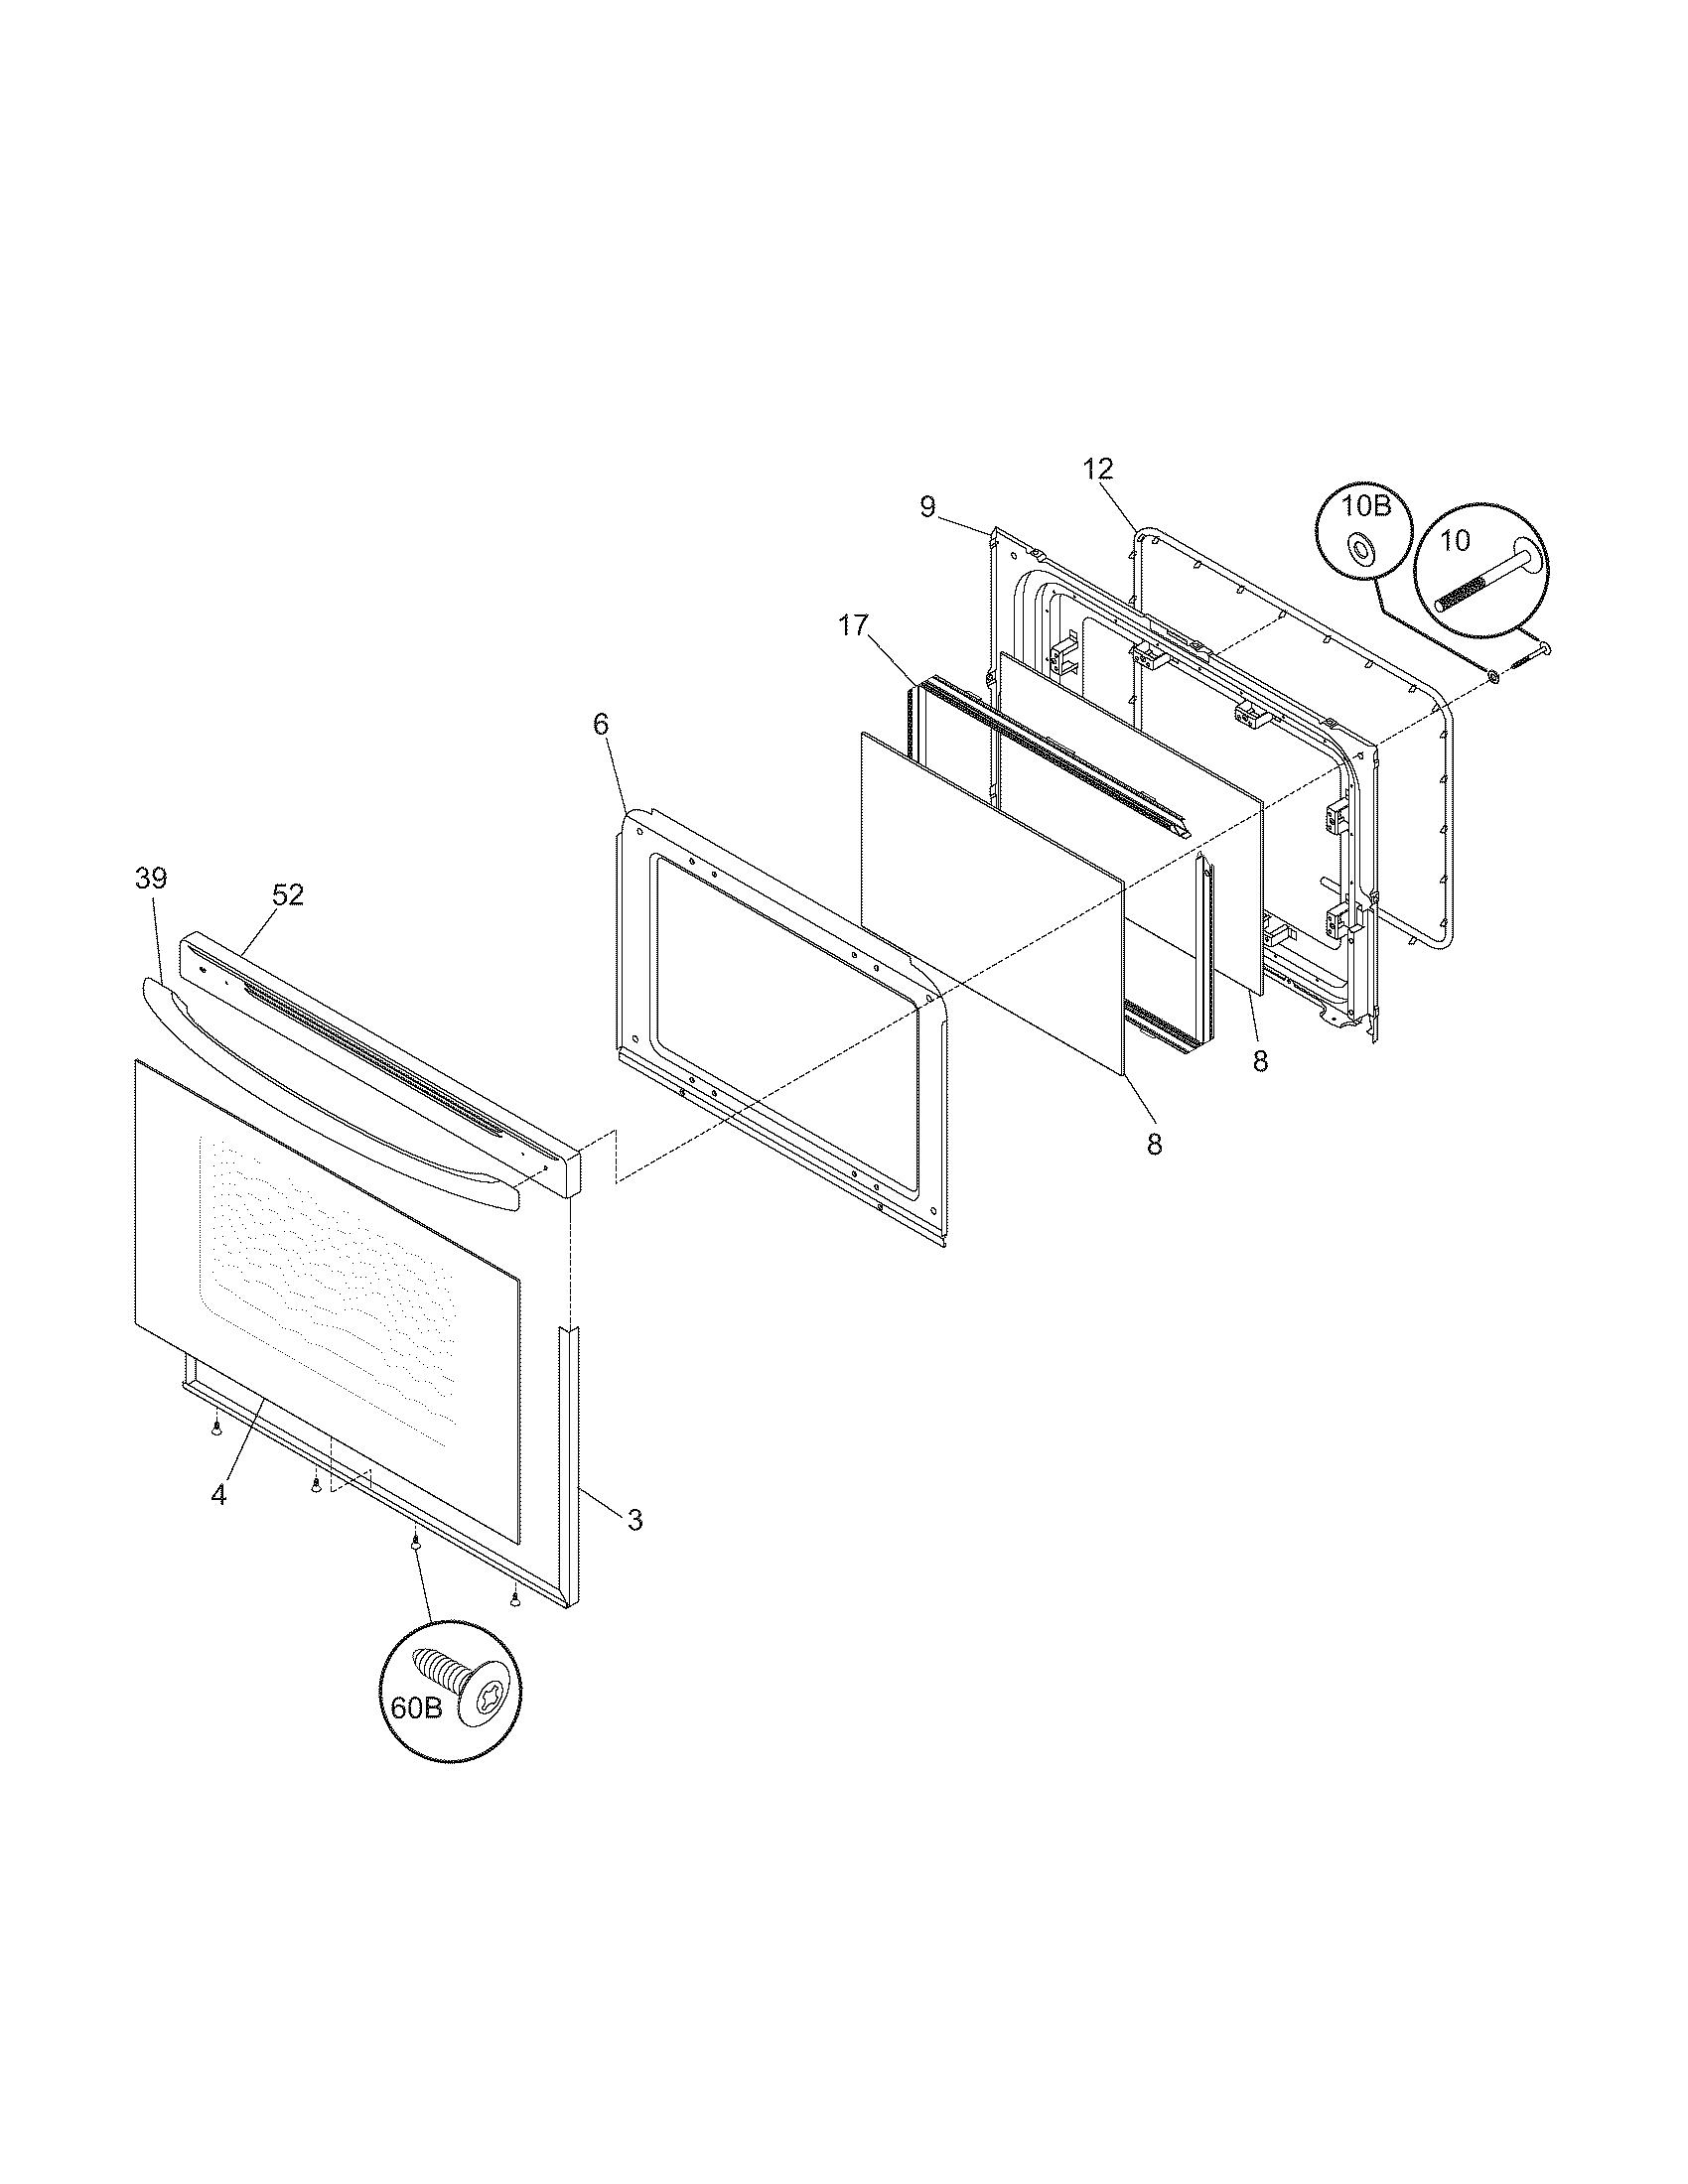 hight resolution of 79095042503 electric range door parts diagram